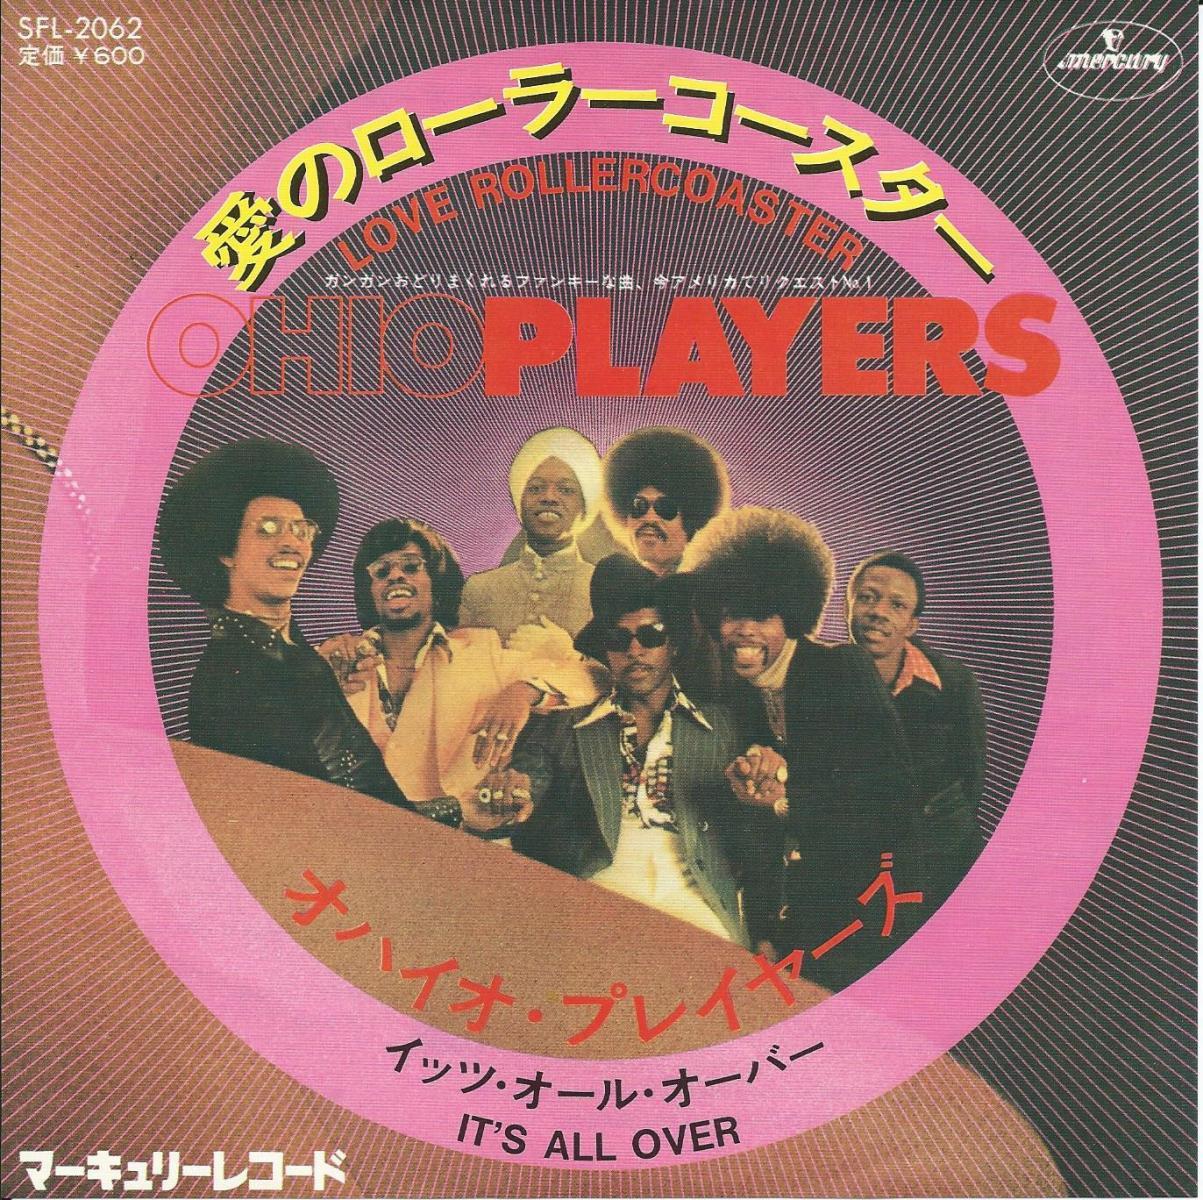 オハイオ・プレイヤーズ OHIO PLAYERS / 愛のローラーコースター LOVE ROLLERCOASTER (7